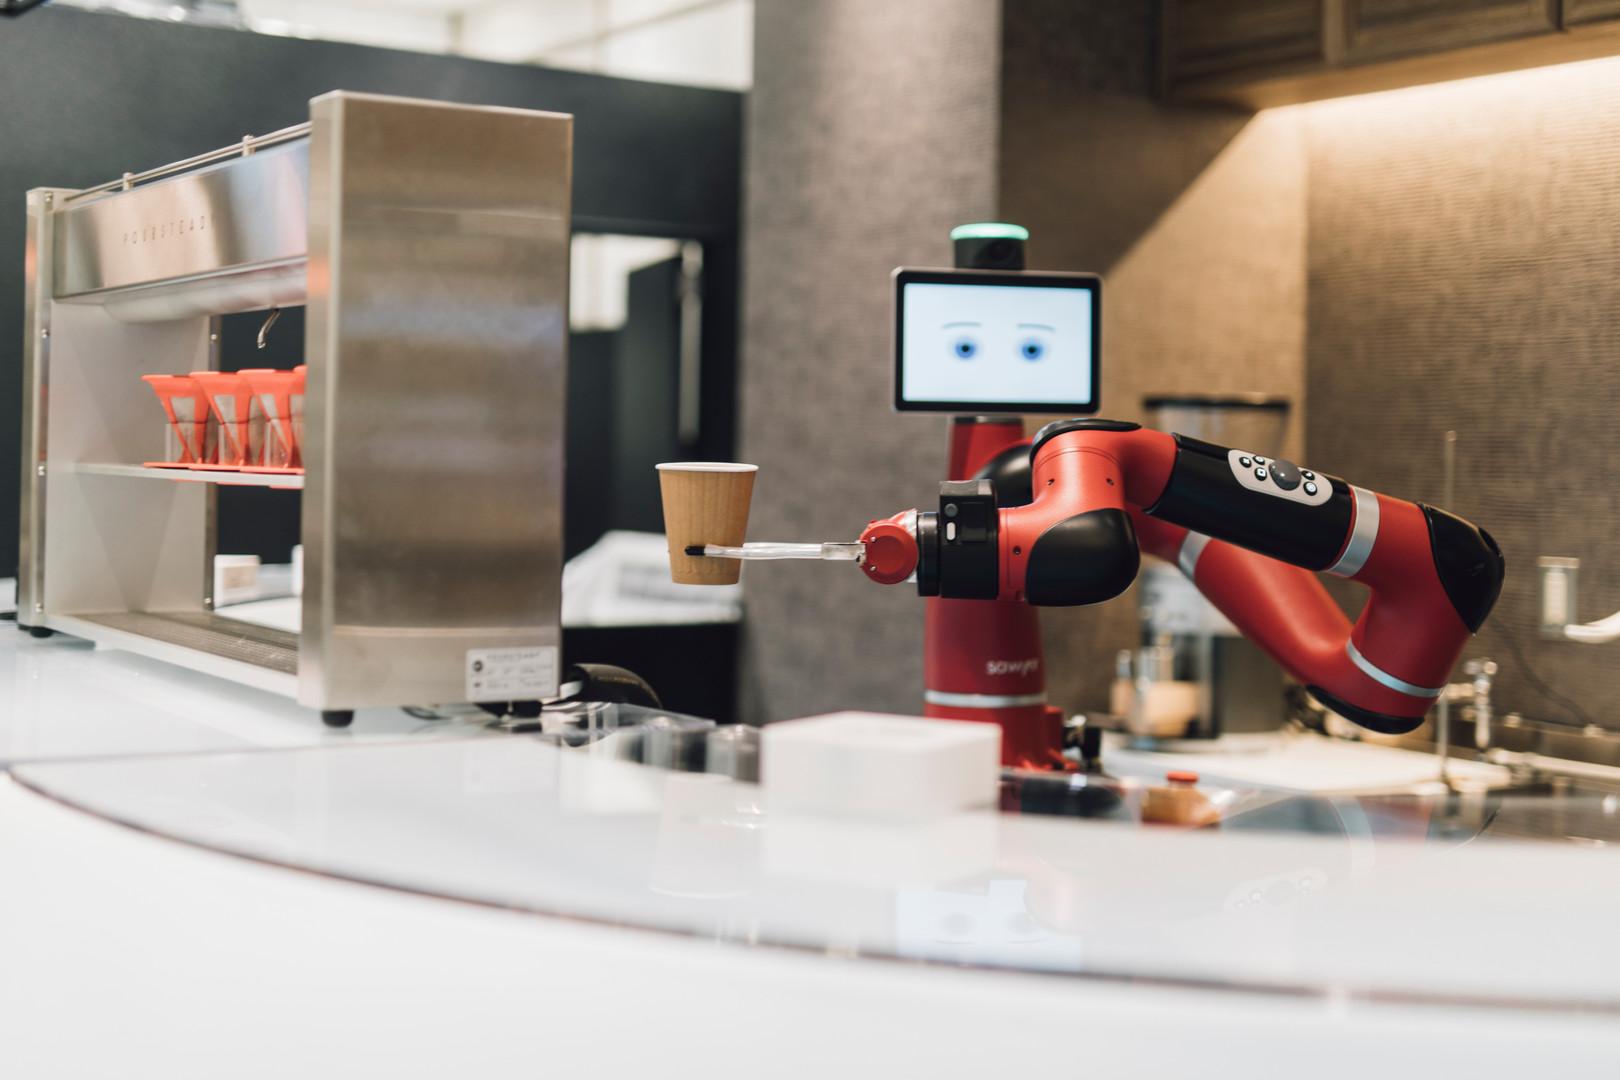 ロボットのTomが働いています。